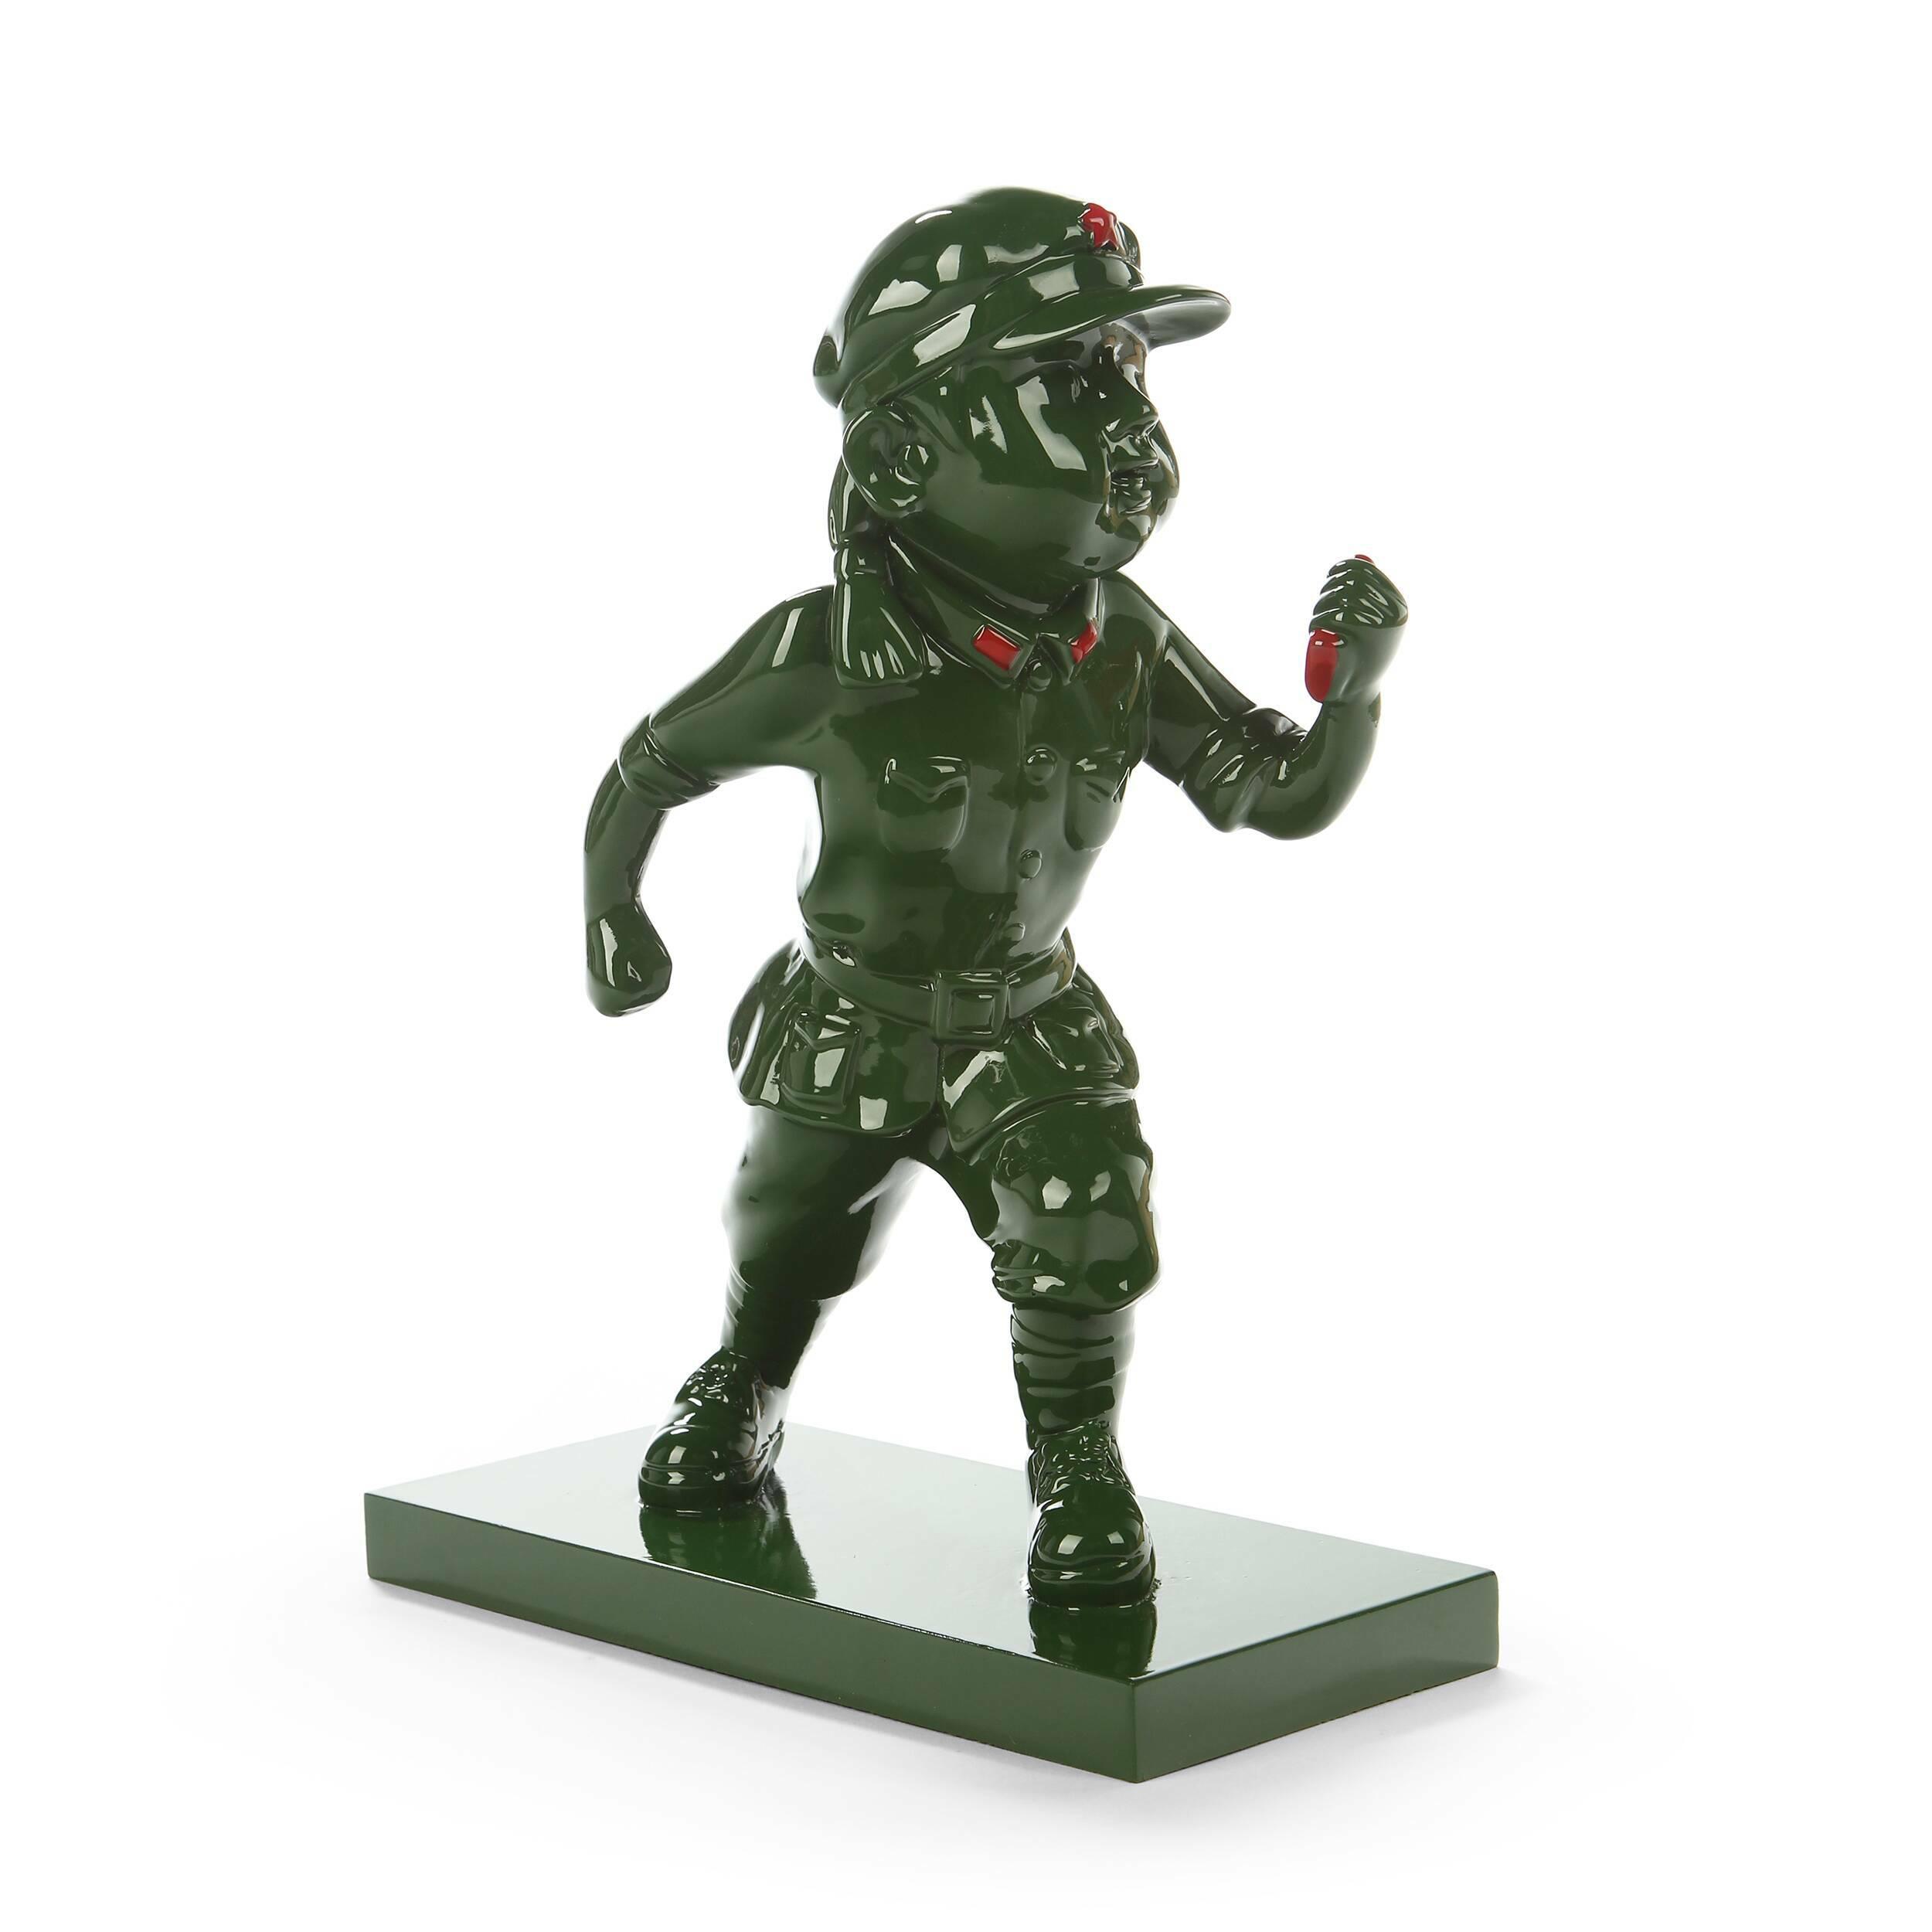 Статуэтка Military Man 8Настольные<br>Дизайнерская декоративная настольная зеленая статуэтка Military Man (Милитэри Мэн) из полистоуна от Cosmo (Космо).<br> Один из последних, но не менее важных этапов в обустройстве любого помещения — это выбор подходящего декора, который сможет дополнить дизайн комнаты и гармонично впишется в созданный интерьер. Иногда достаточно изменить или добавить всего один элемент в уже готовое помещение, чтобы оно приобрело новый характер, заиграло новыми красками и обрело новый стиль. Нужно учитывать все...<br><br>stock: 1<br>Высота: 28<br>Ширина: 10,5<br>Материал: Полистоун<br>Цвет: Зелёный<br>Длина: 22,5